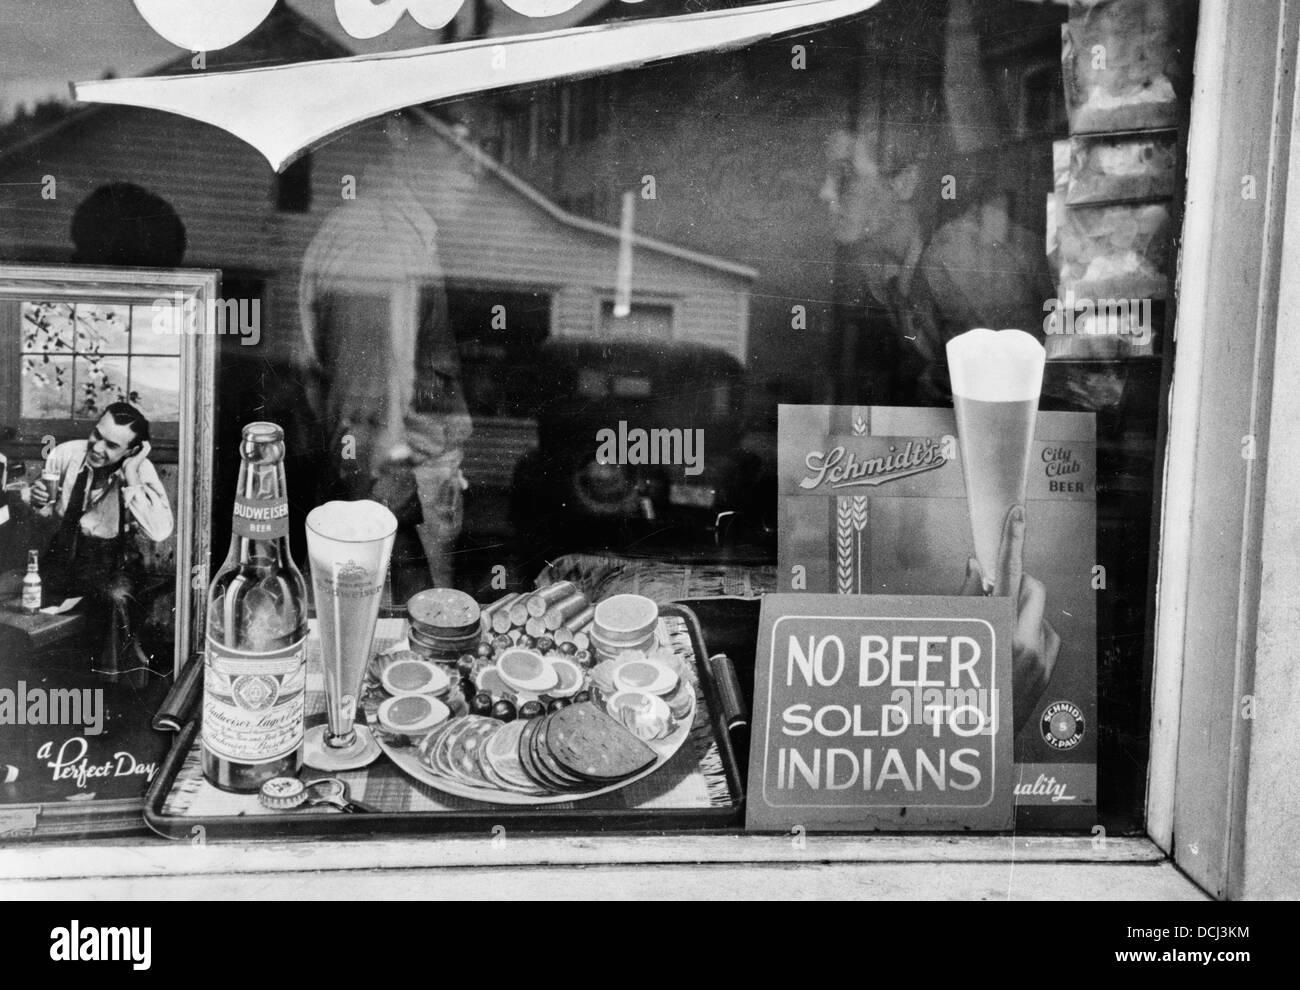 Kein Bier verkauft, Indianer - Zeichen im Bier Stube Fenster, Sisseton, South Dakota, ca. 1939 Stockfoto